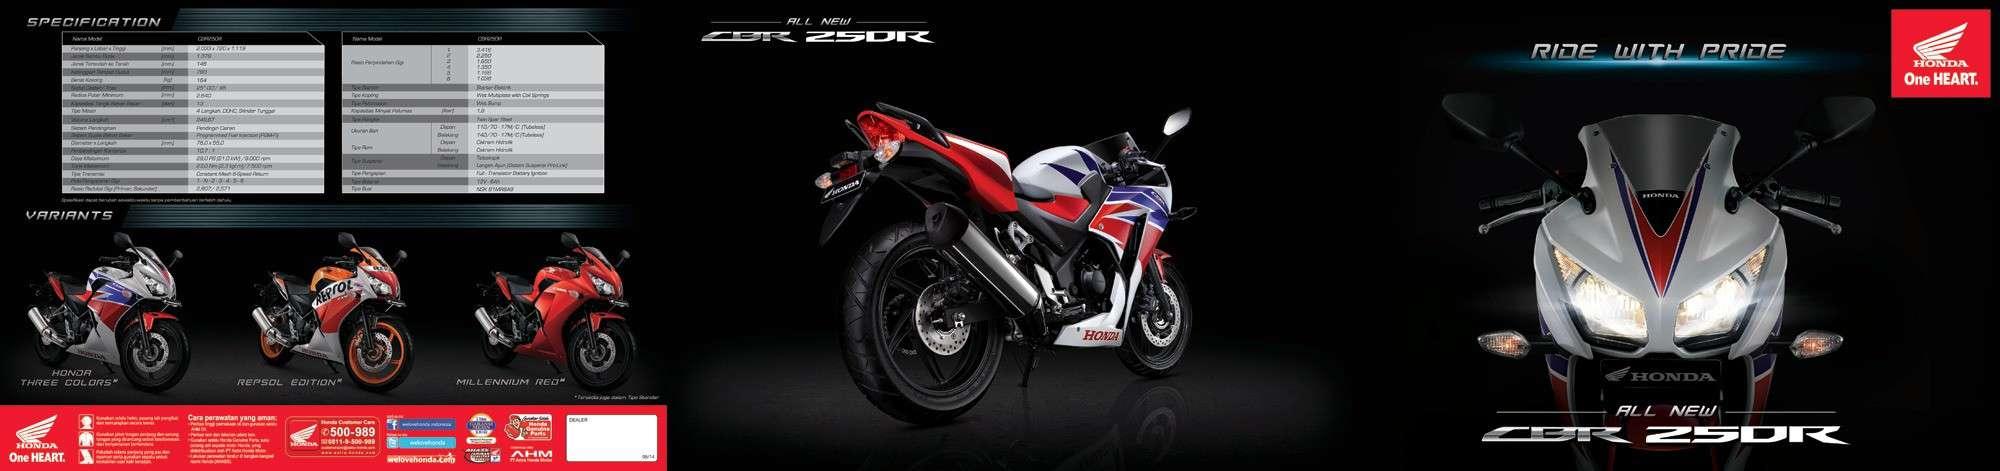 Brosur Motor Honda CBR 250R - 1